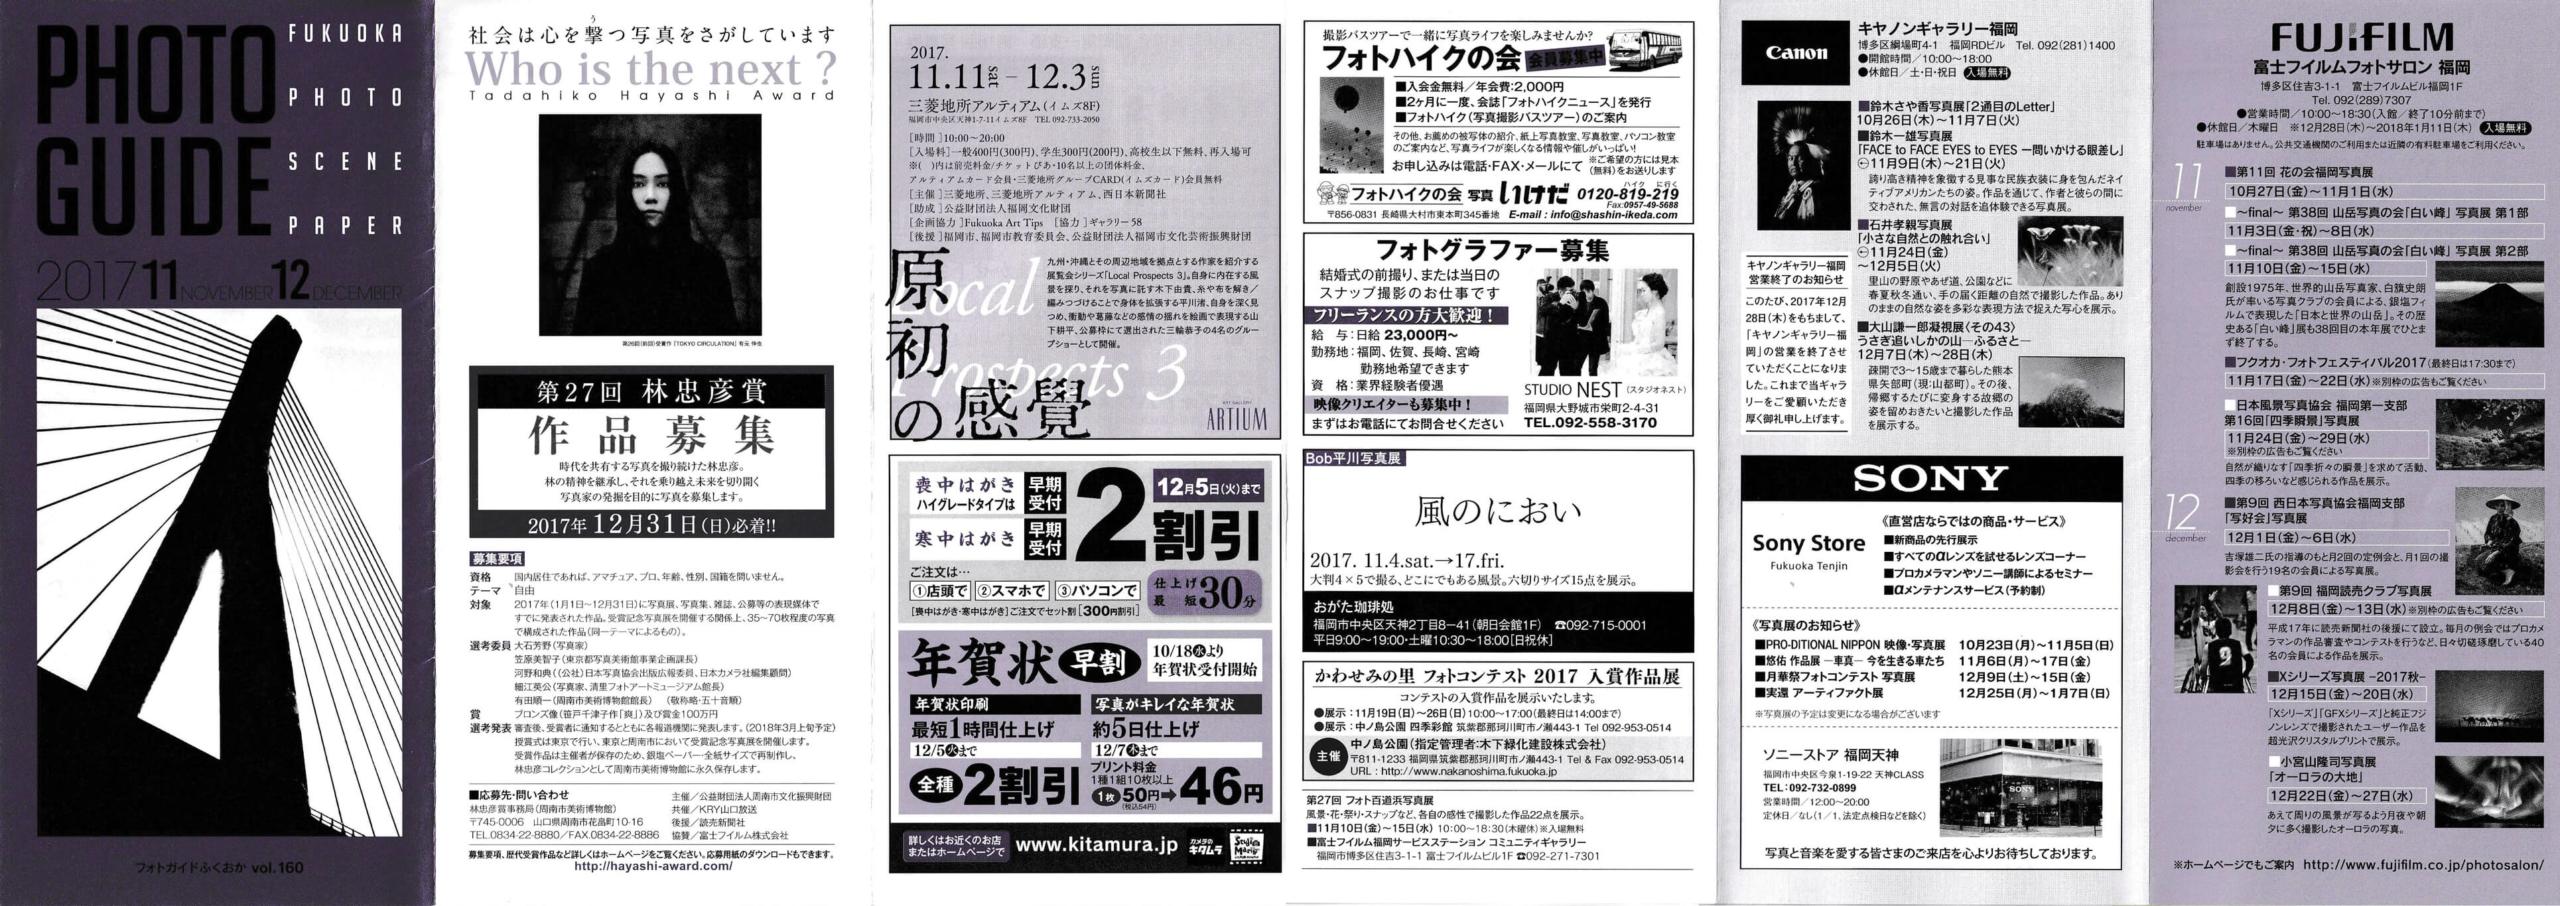 フォトガイドふくおか|アーカイブ|vol160